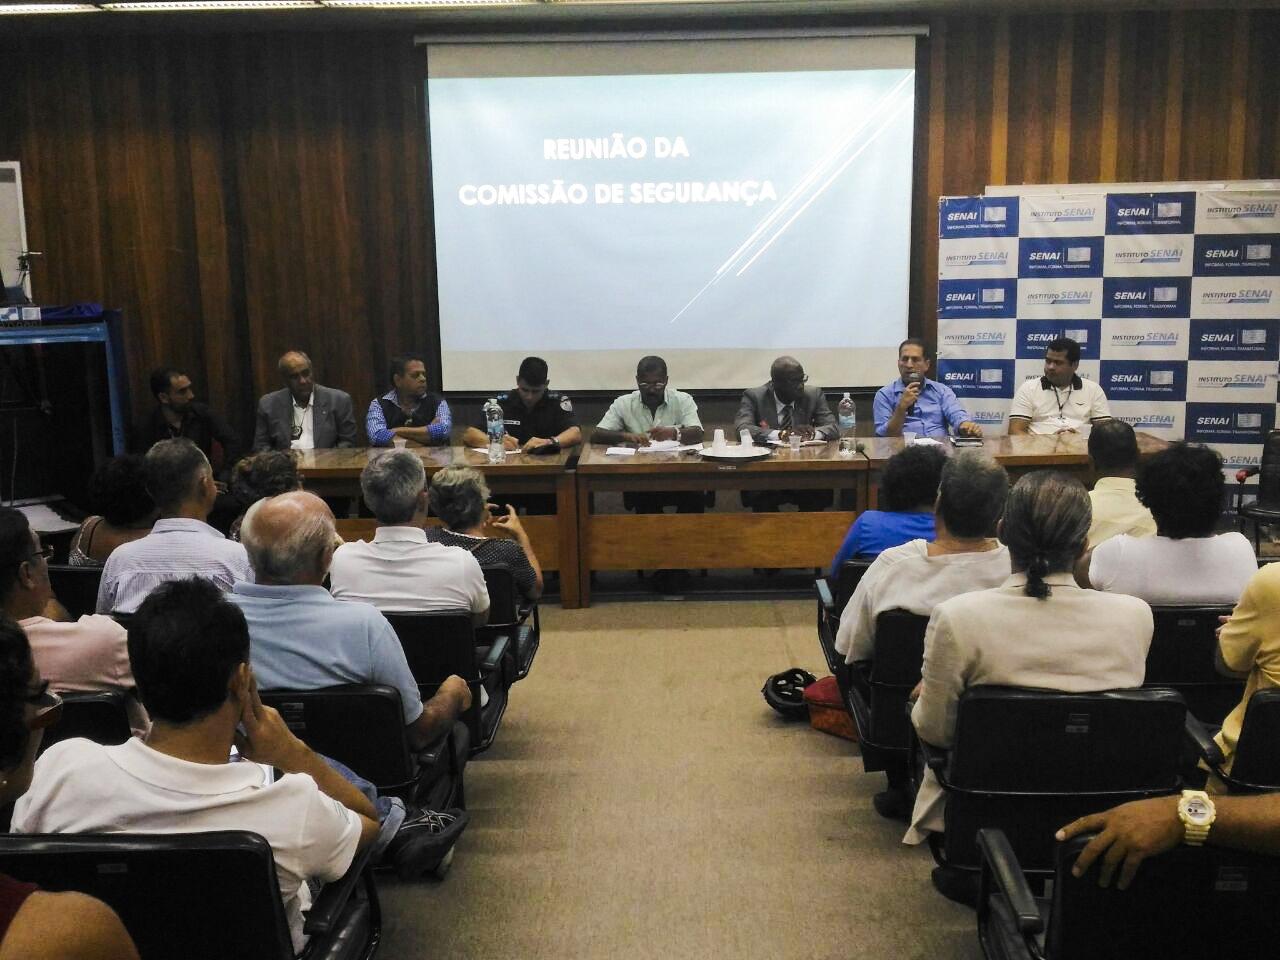 Ordem Pública participa de mais uma reunião de conselho de segurança